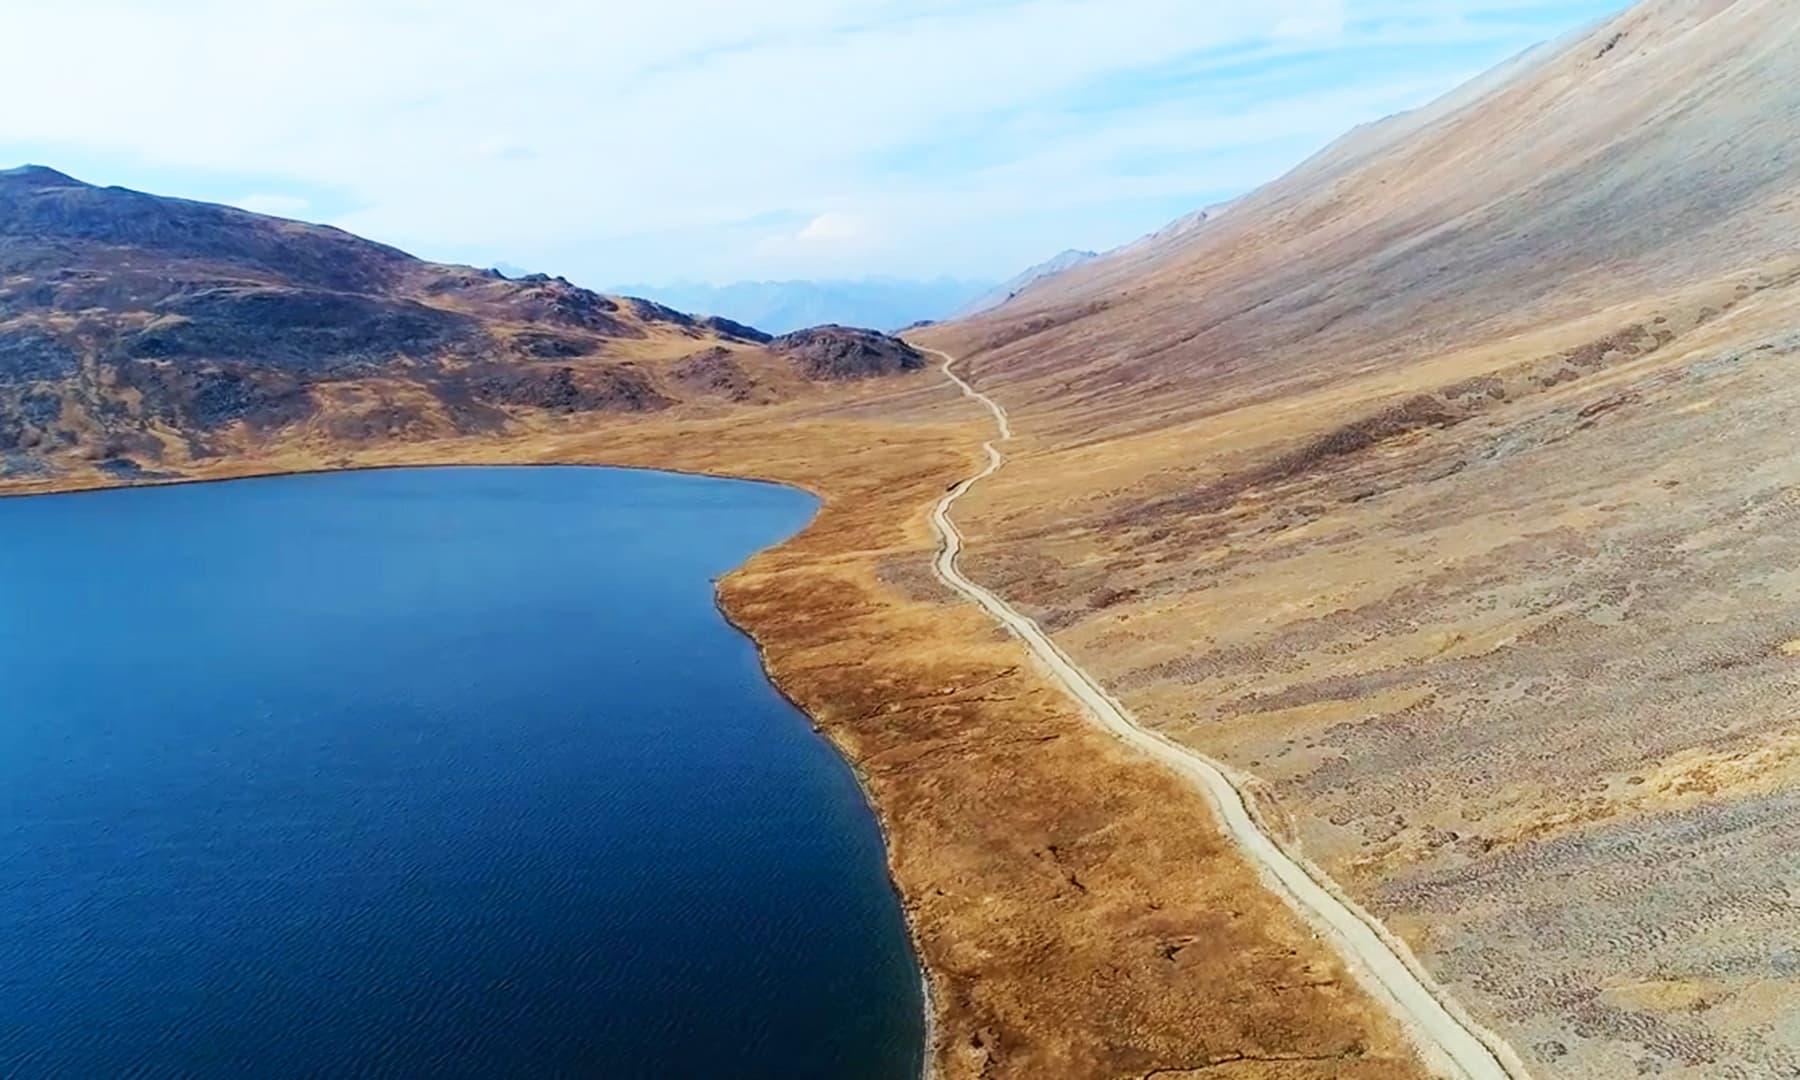 شیو سر جھیل کا ایک اور خوبصورت منظر —تصویر رضوان احمد جٹ